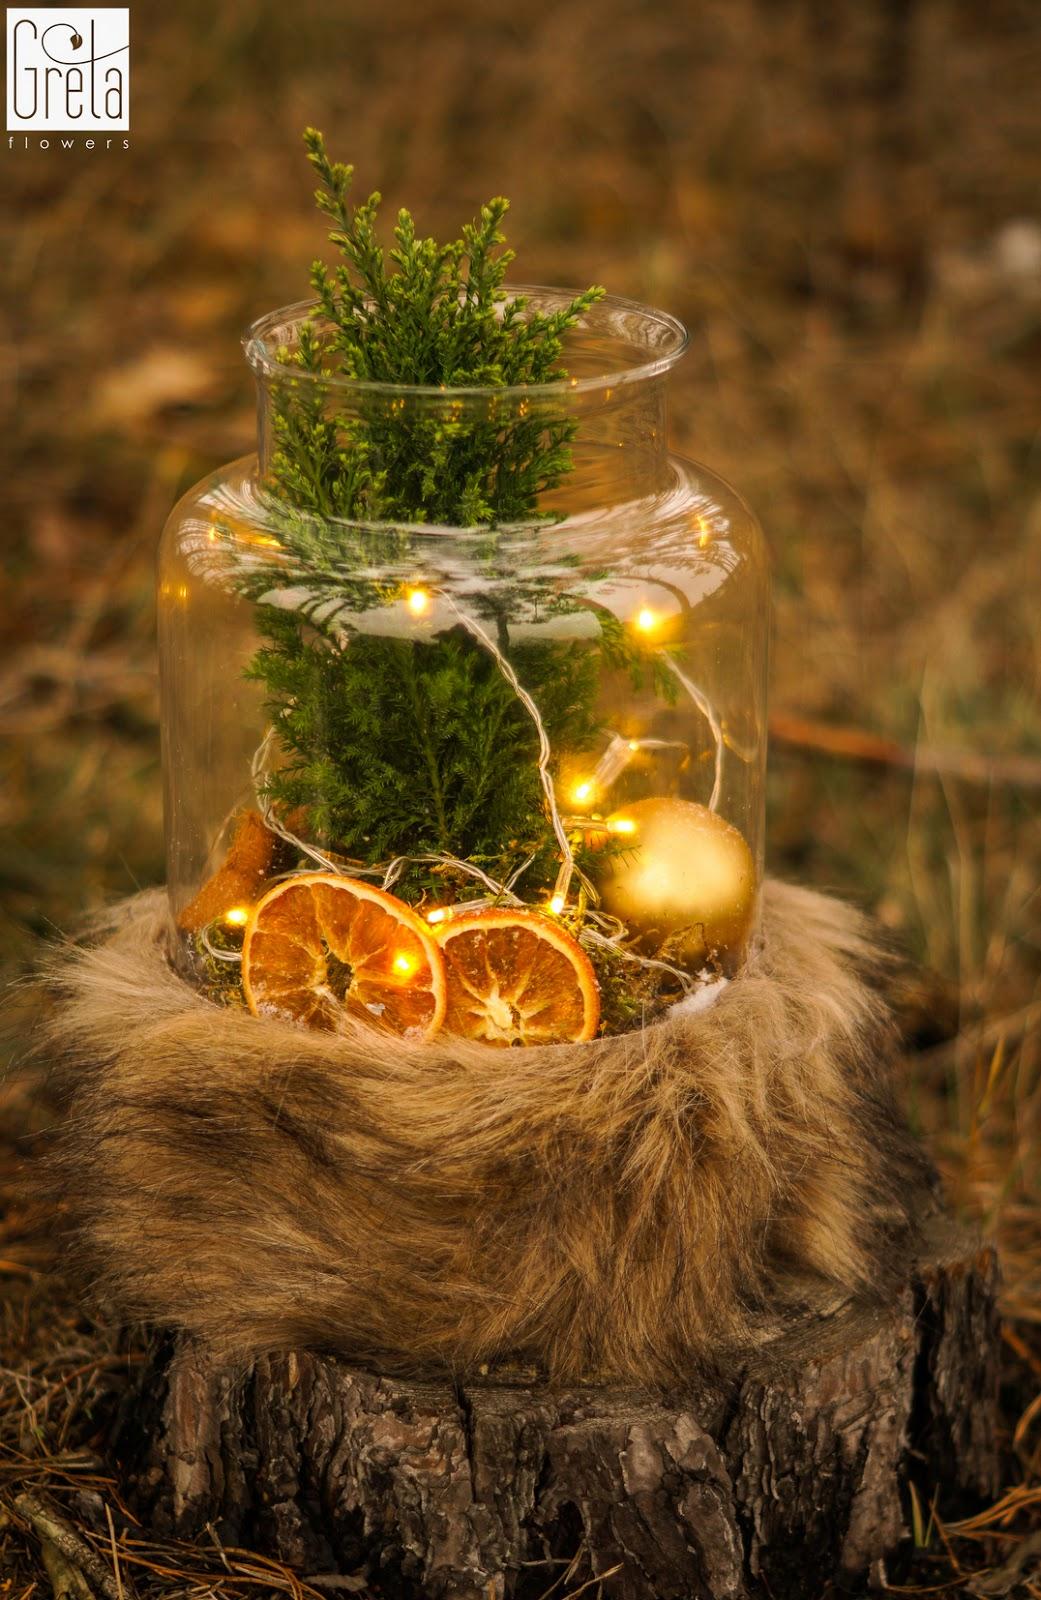 Świąteczny las w słoiku, czyli oryginalne dekoracje i pomysł na prezent, kwiaciarnia Gretaflowers